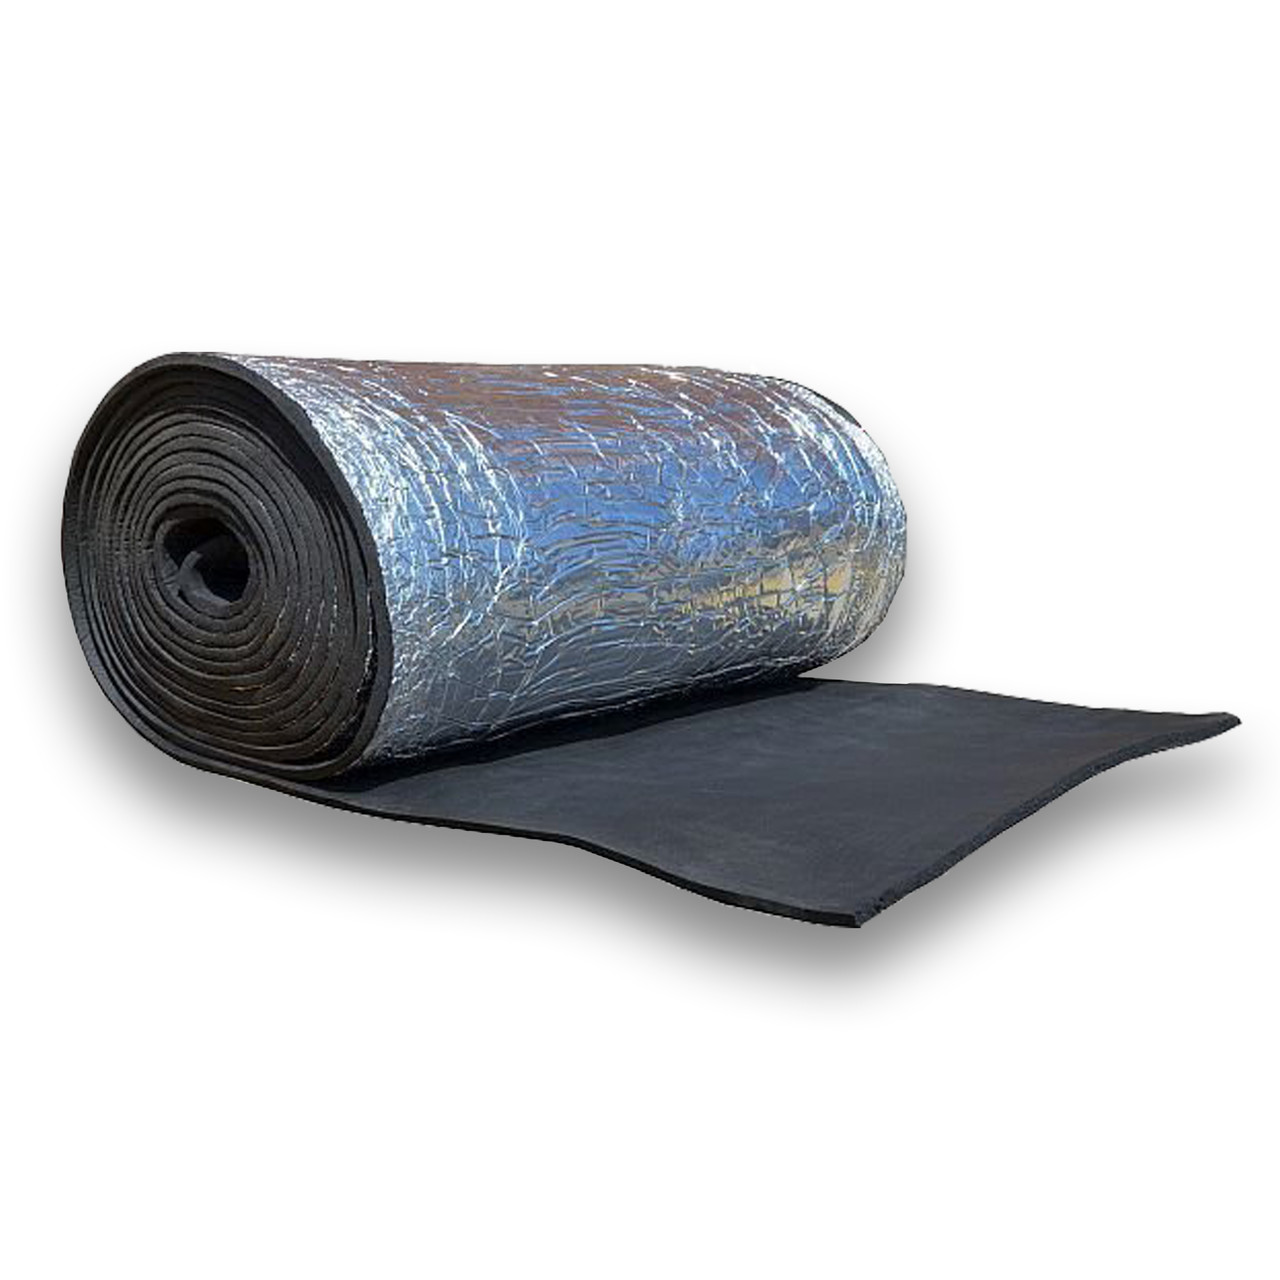 Шумоизоляция каучуковая с металлизацией 9 мм